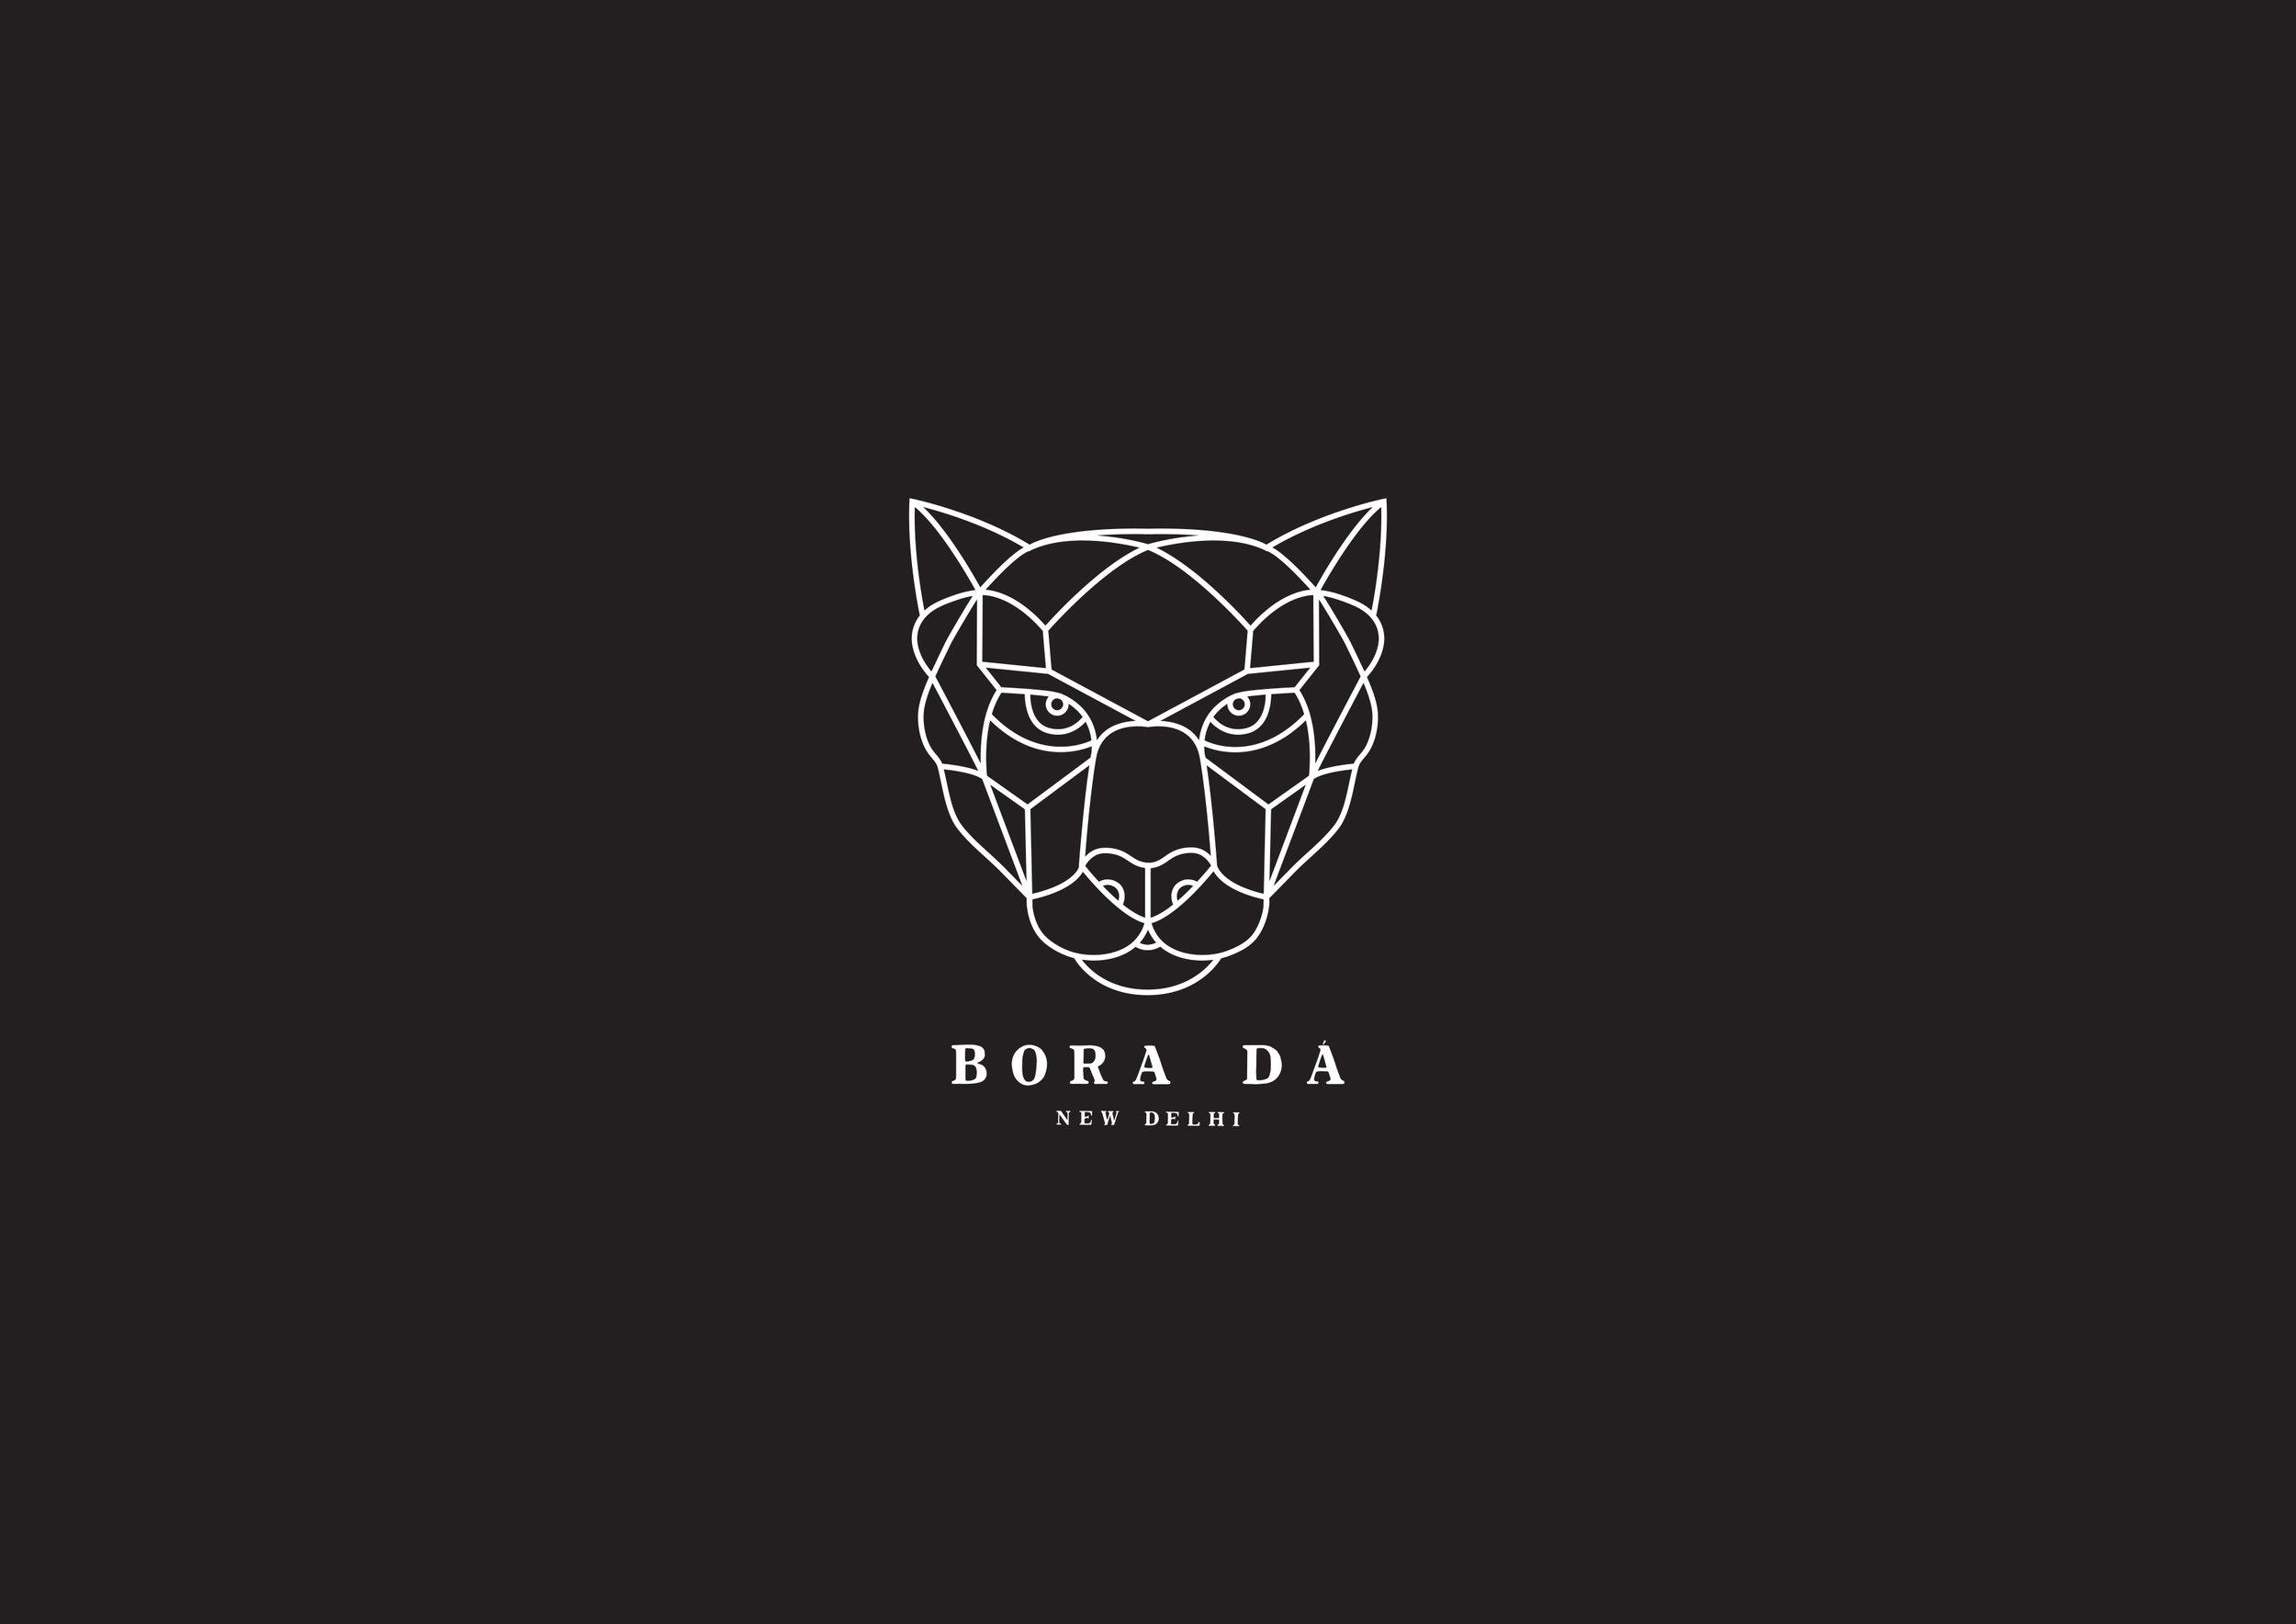 BORA DA' DESIGNS